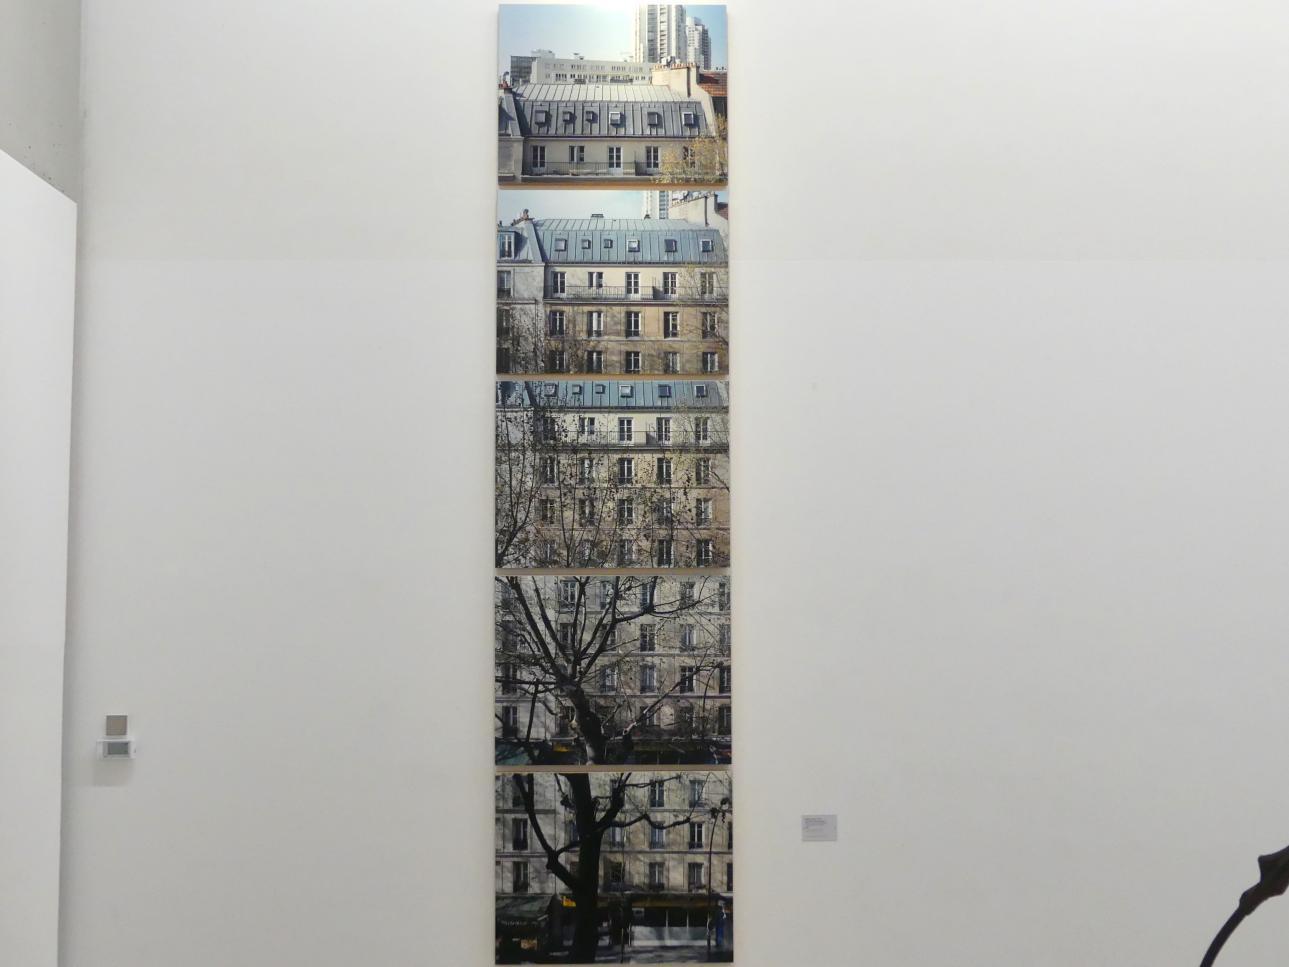 Valérie Jouve: Ohne Titel (Die Fassaden), 2003